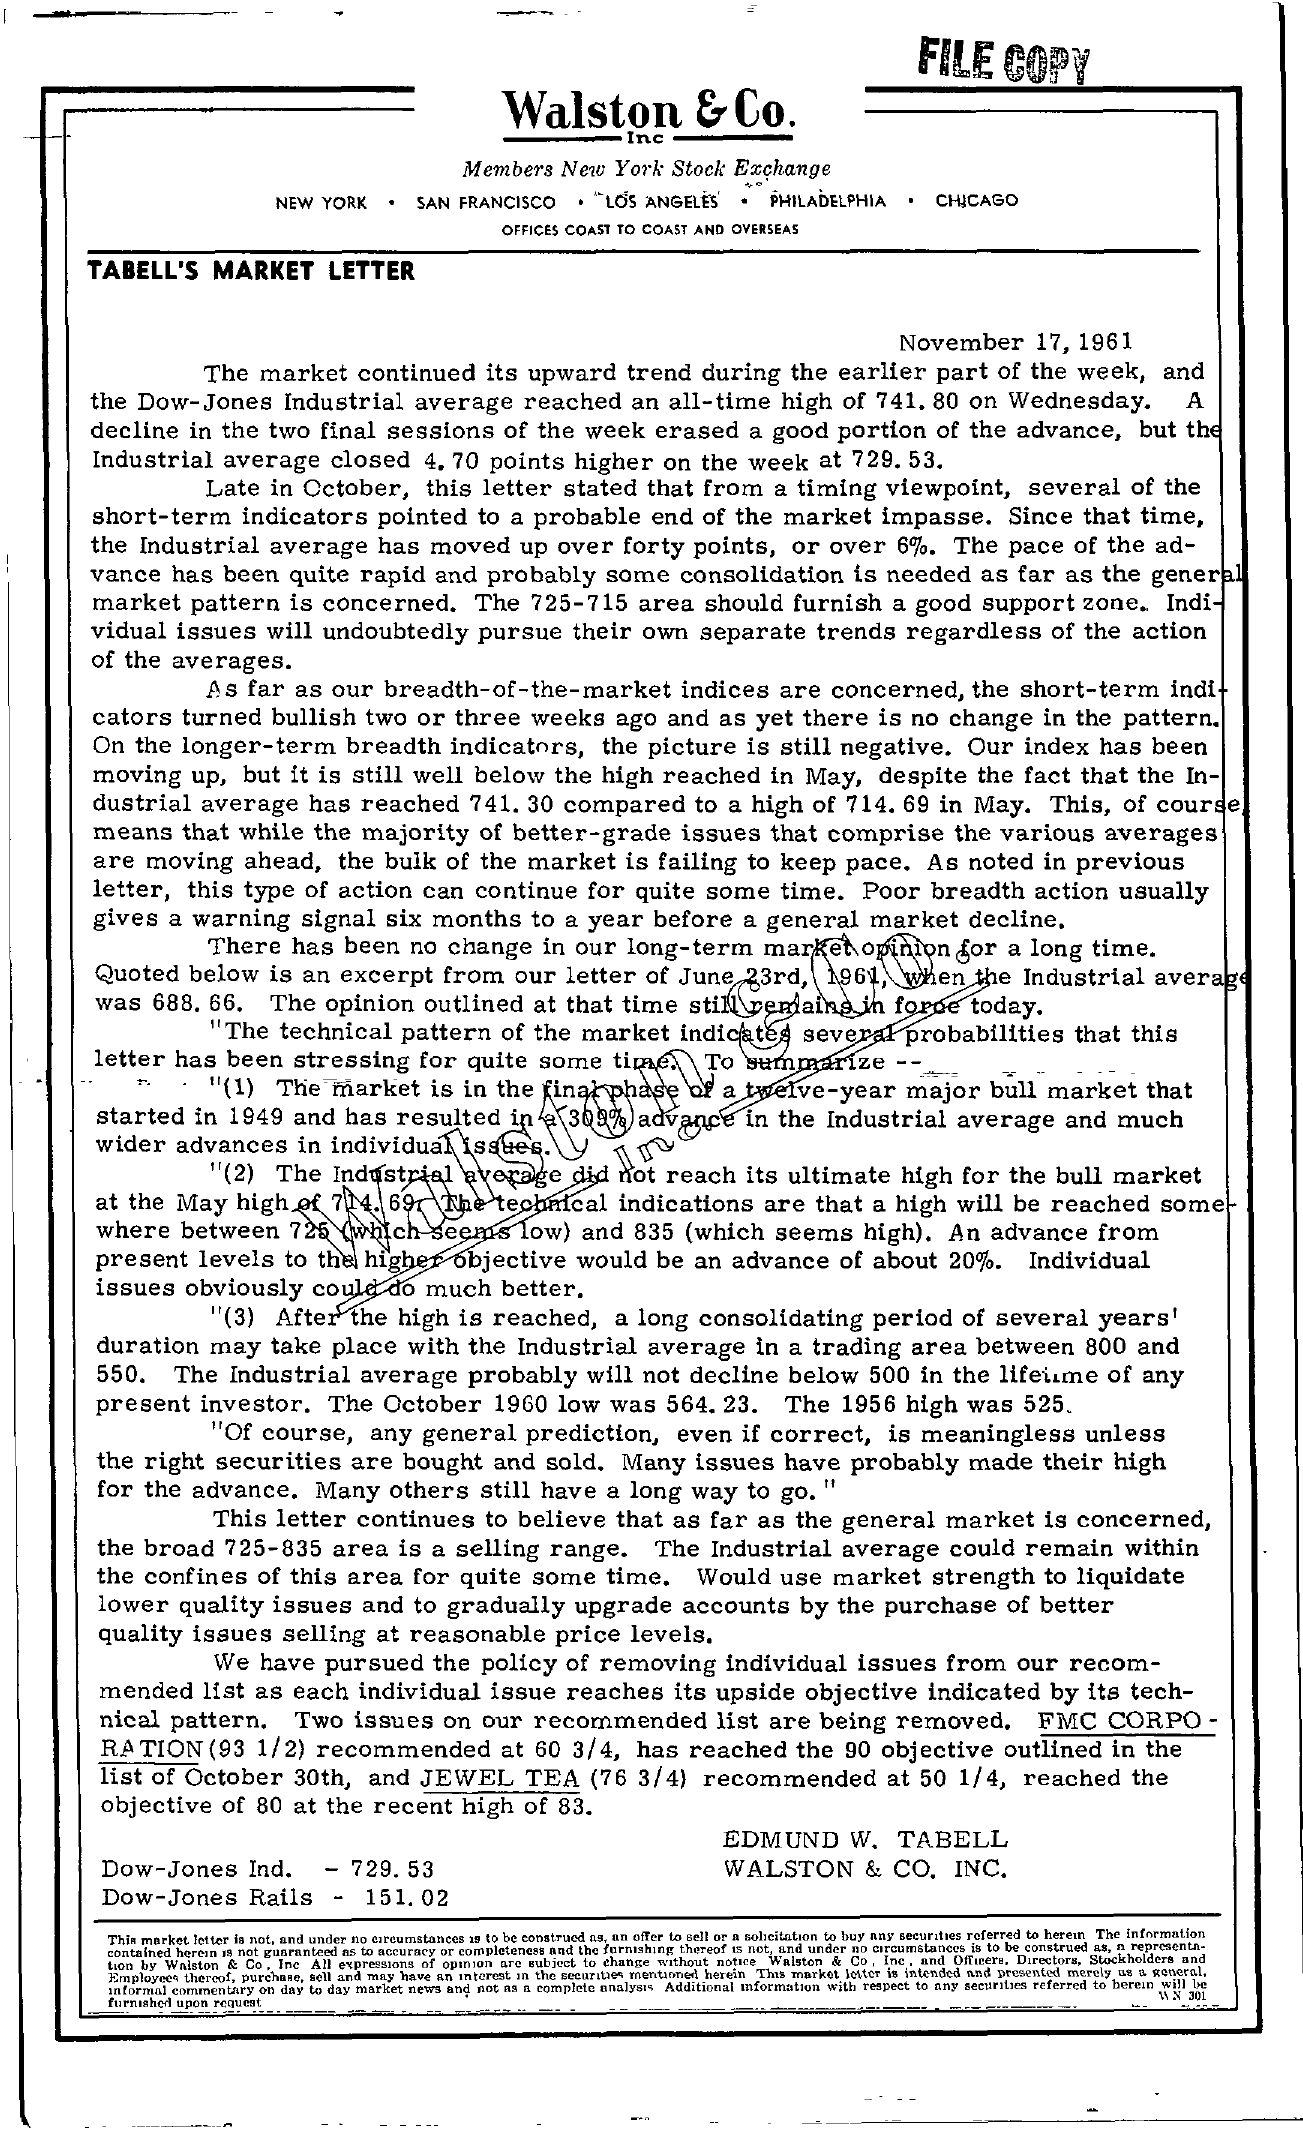 Tabell's Market Letter - November 17, 1961